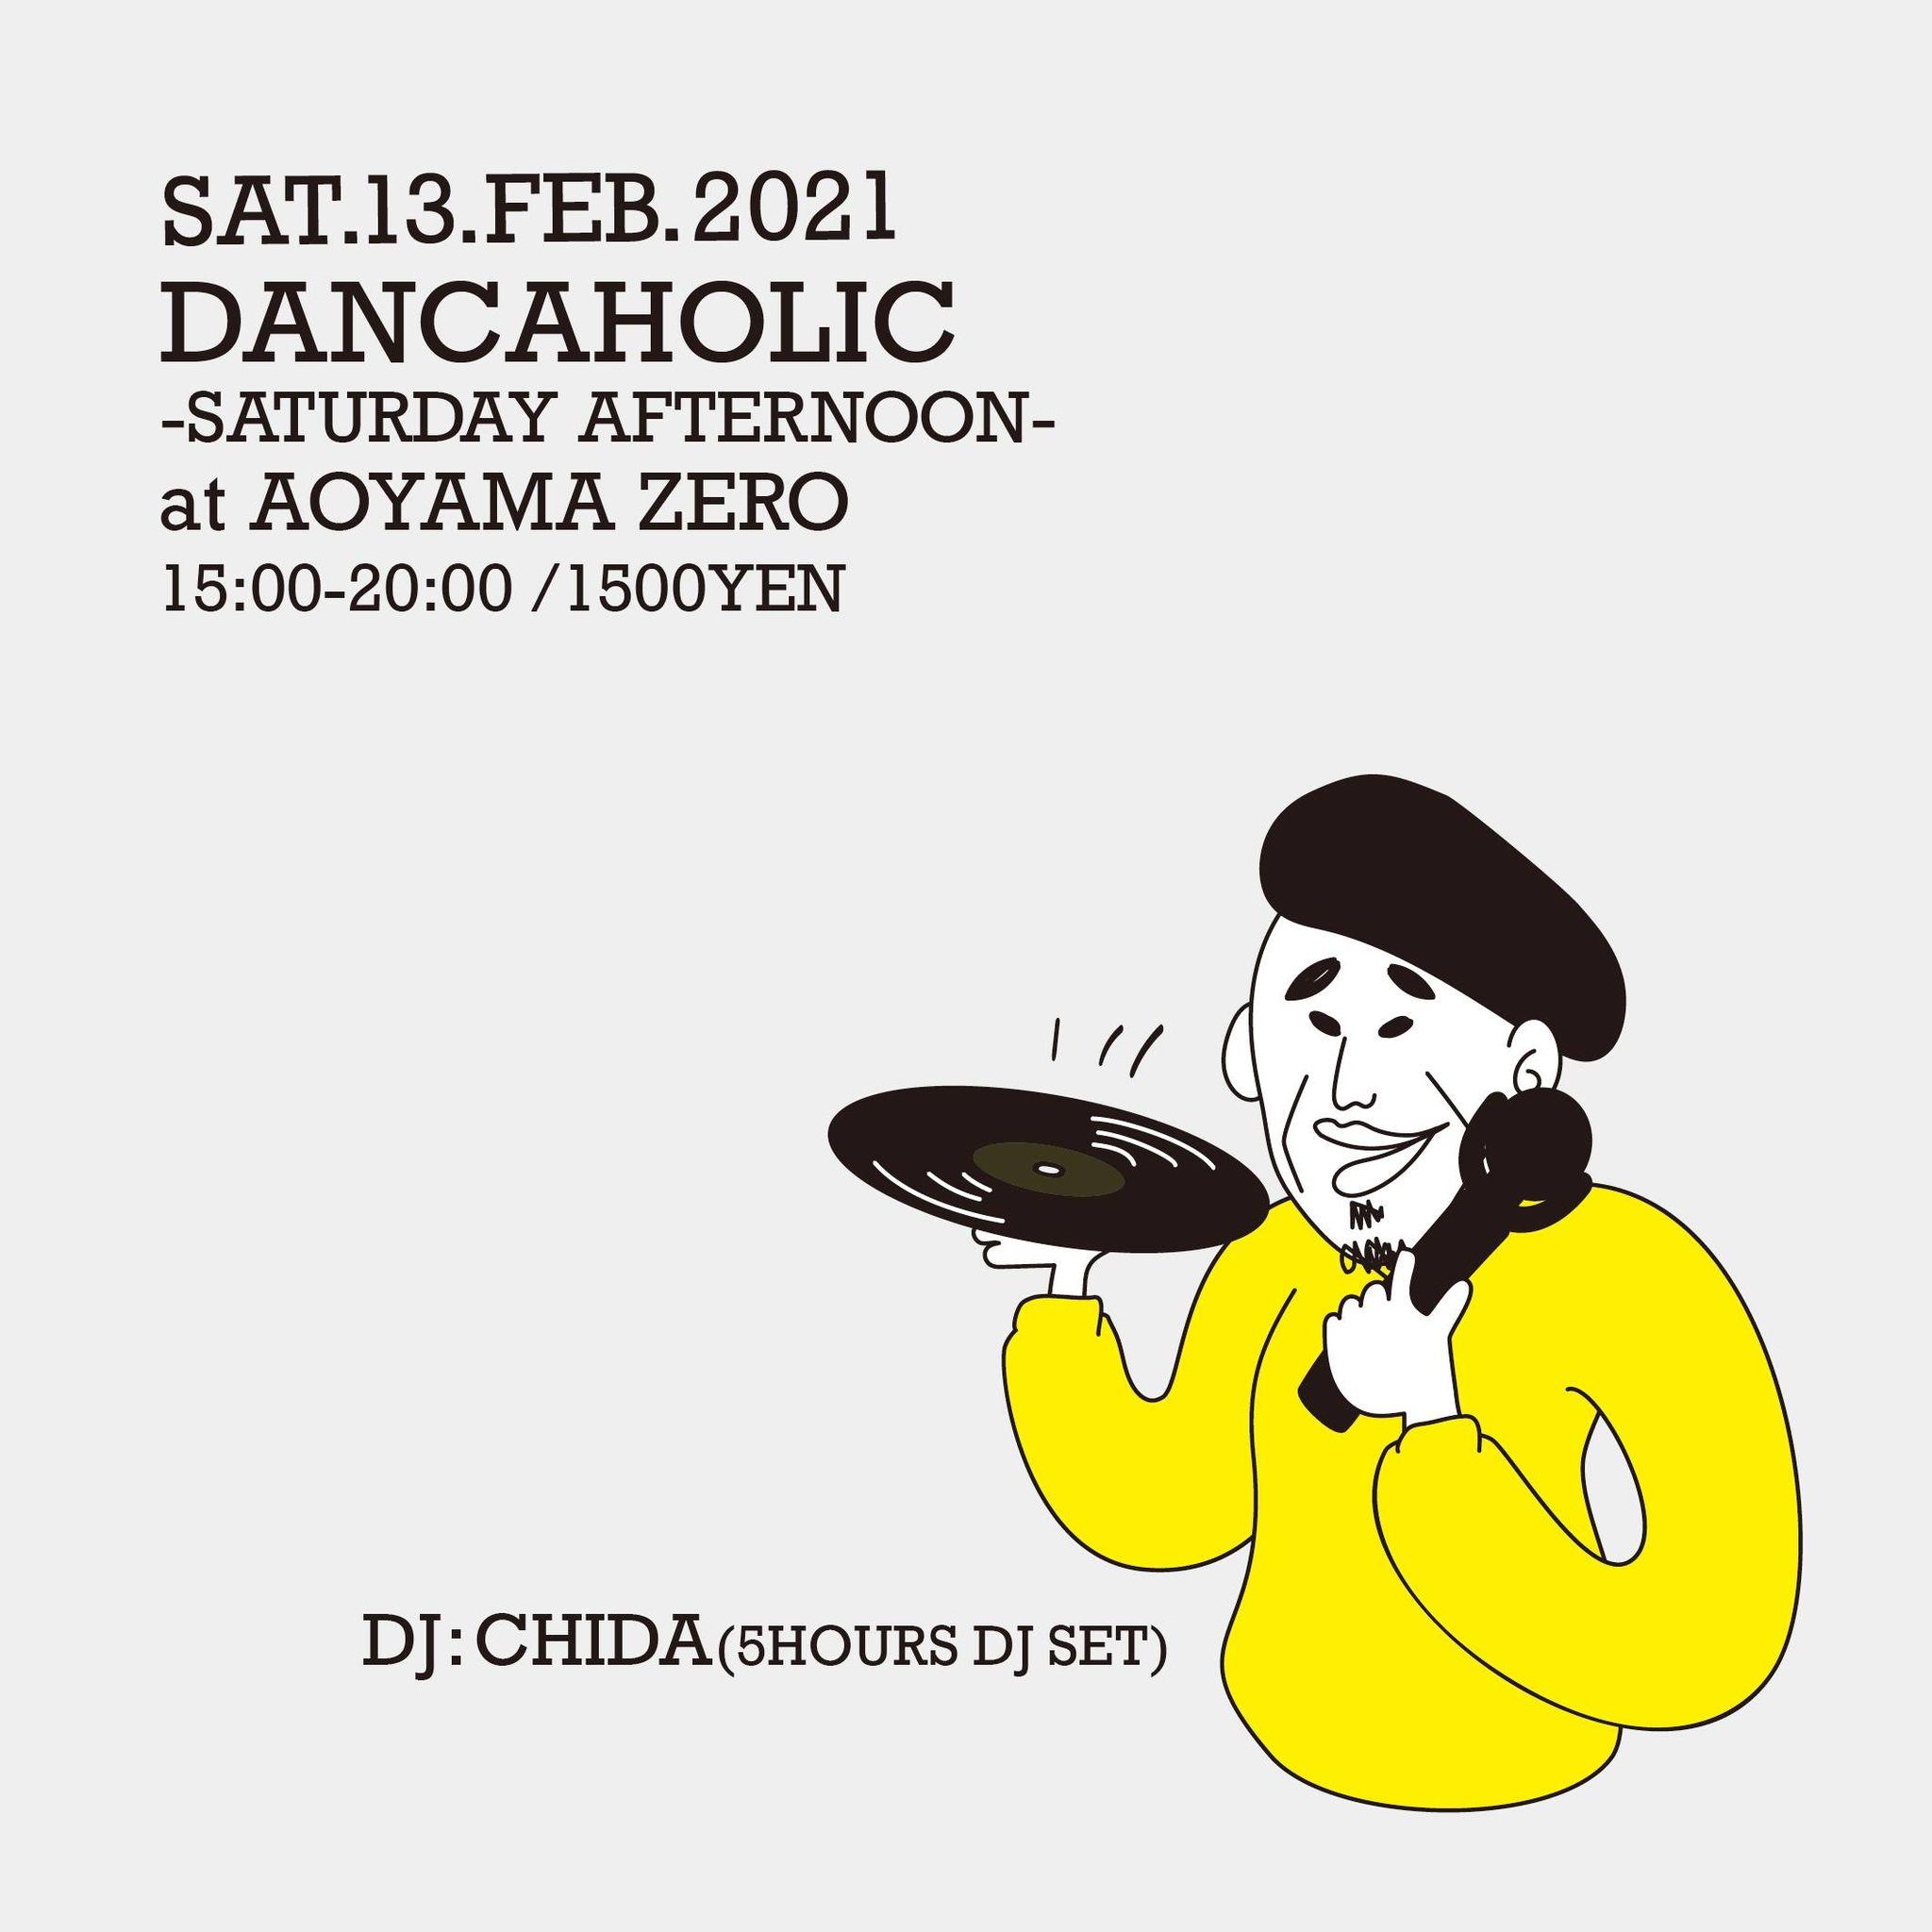 DANCAHOLIC Saturday Afternoon 時短営業にて開催